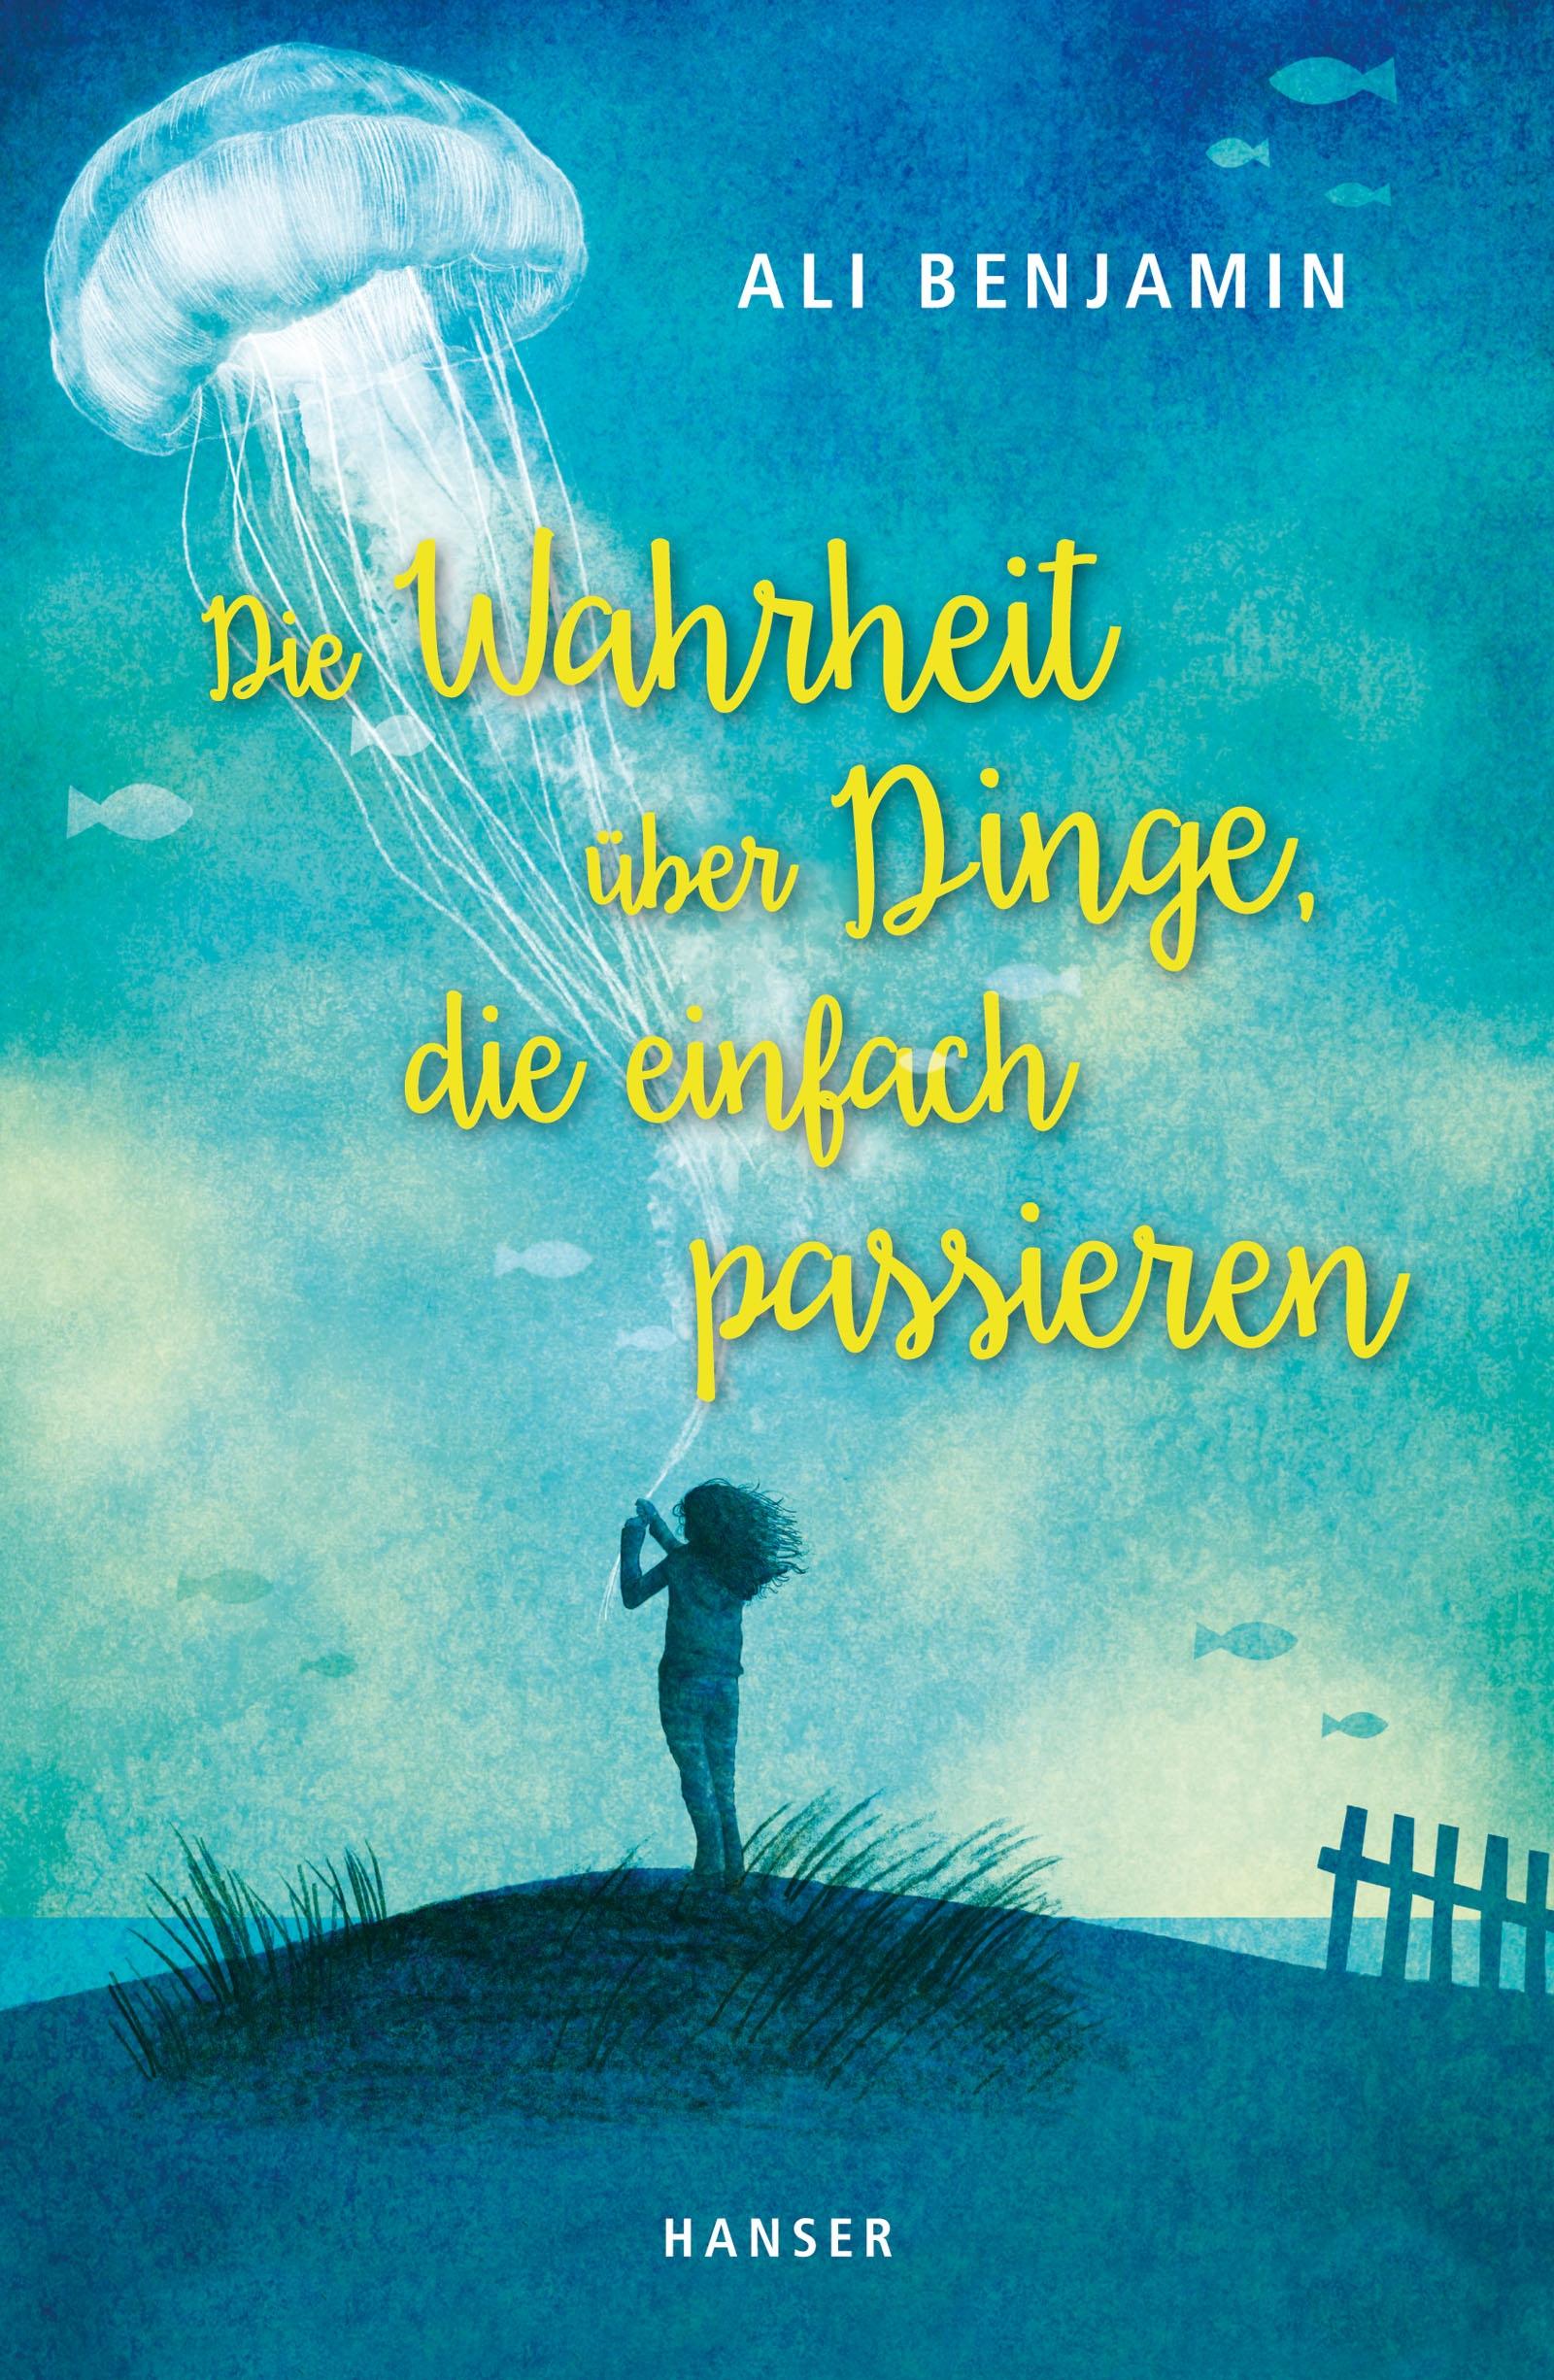 https://www.hanser-literaturverlage.de/buch/die-wahrheit-ueber-dinge-die-einfach-passieren/978-3-446-26049-8/